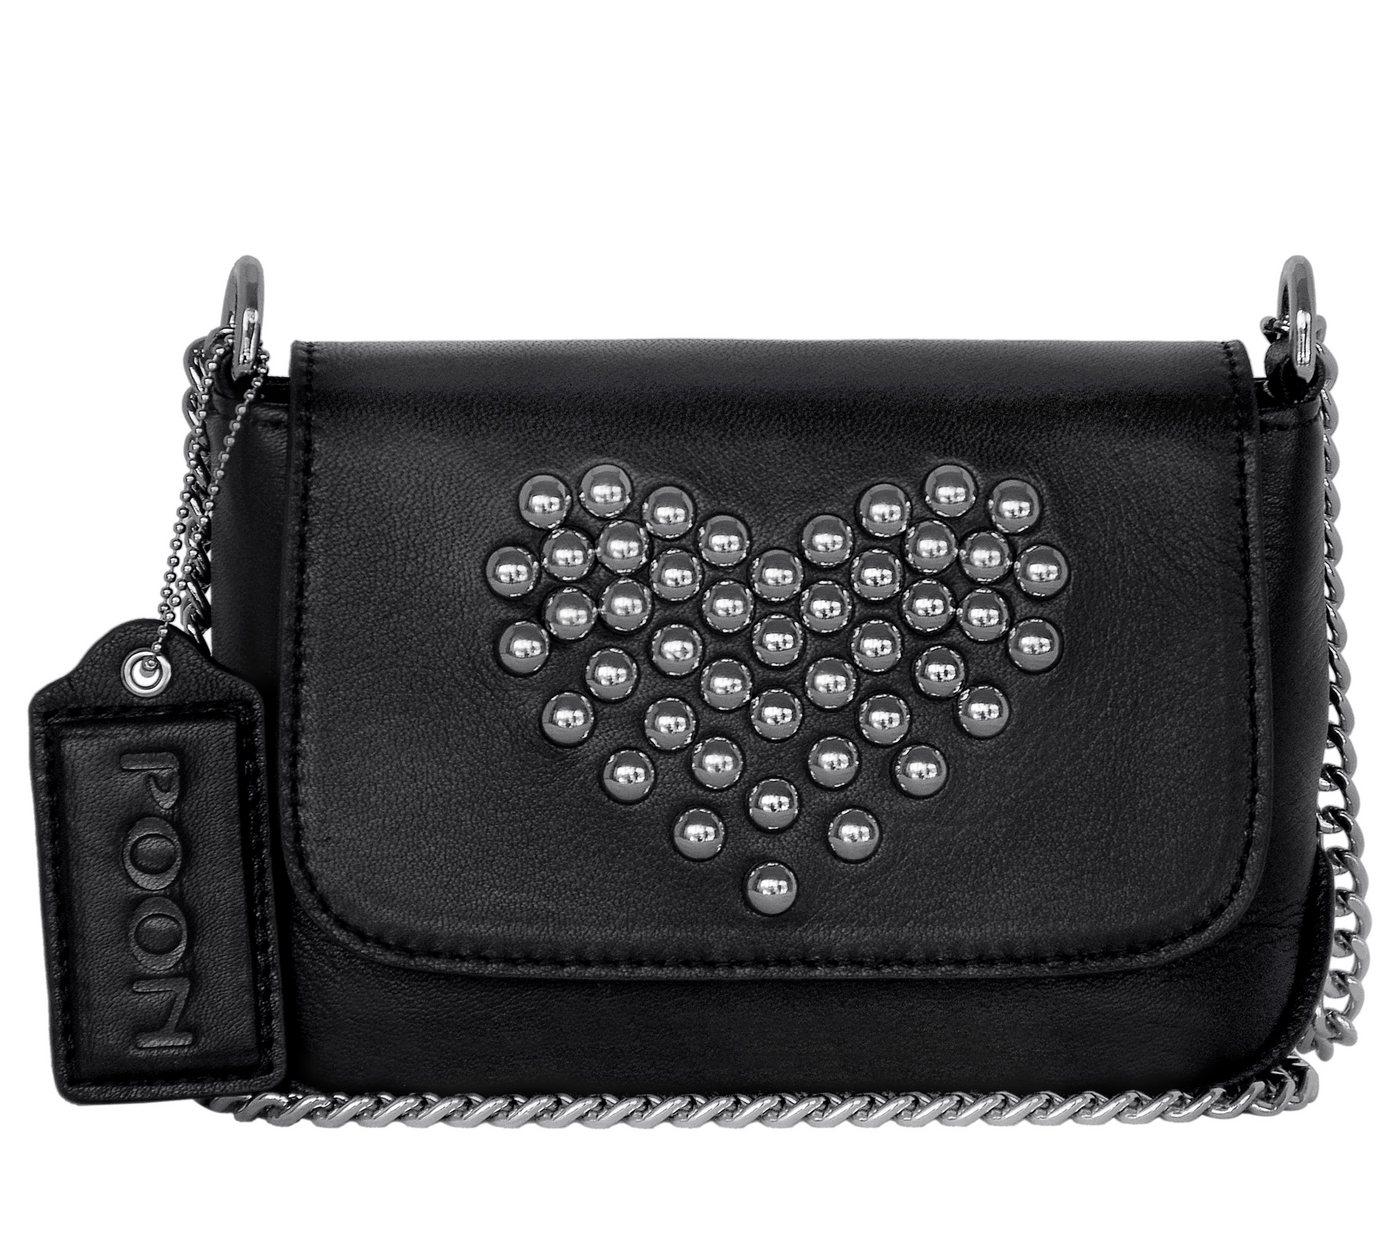 POON Switzerland Leder-Schultertasche mit Herz-Motiv | Taschen > Handtaschen > Ledertaschen | Schwarz | POON Switzerland